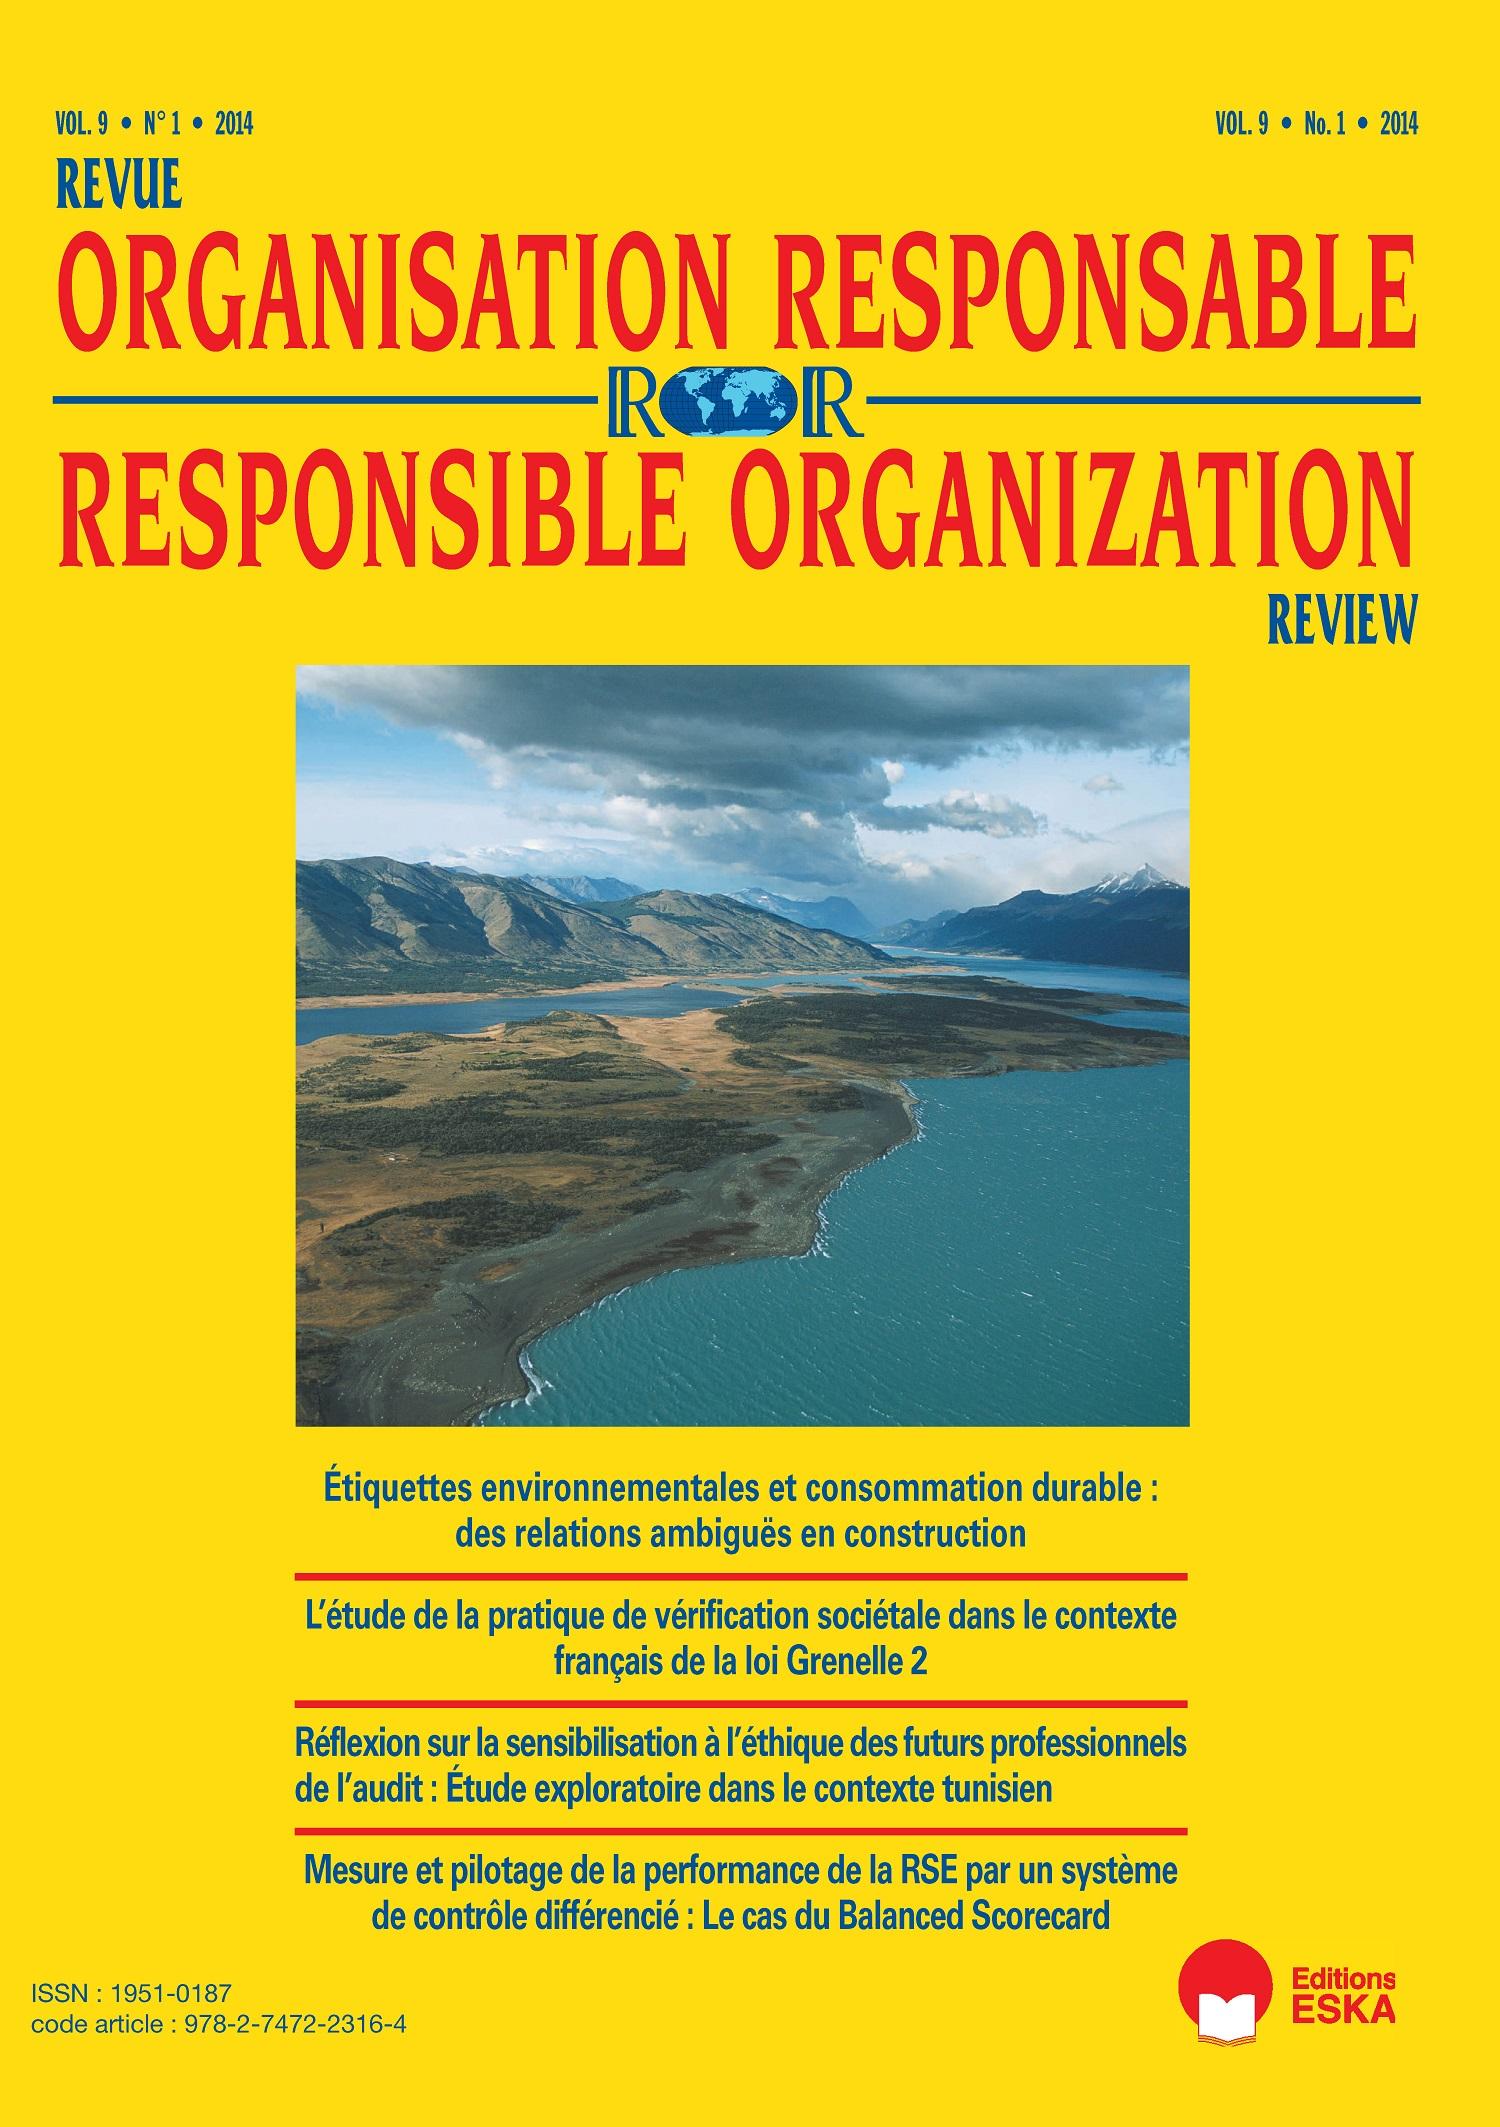 28226967b35 Étiquettes environnementales et consommation durable   des relations  ambiguës en construction